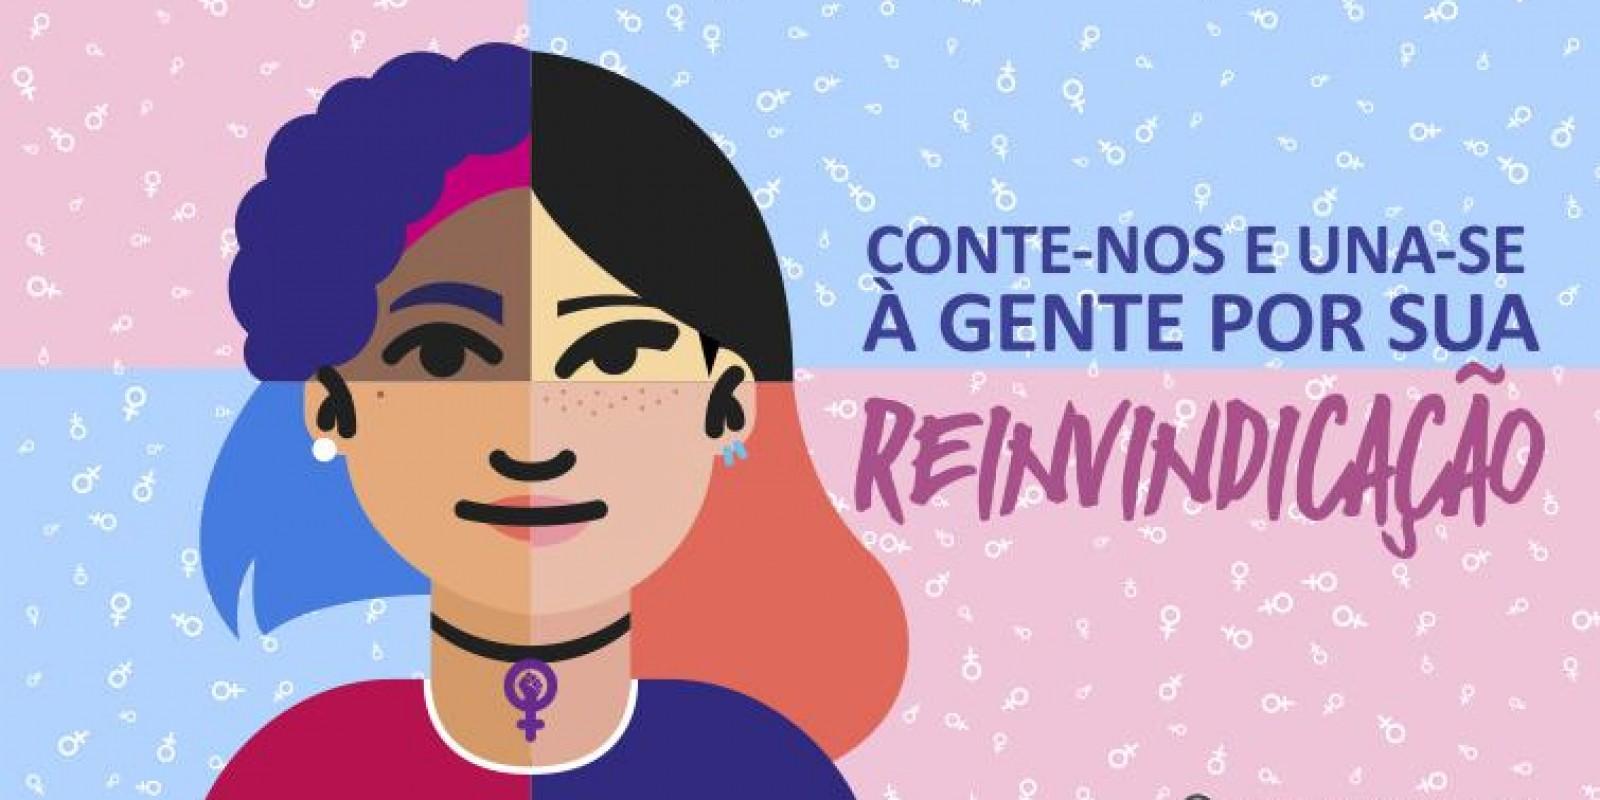 Pesquisa definirá pauta de luta para o Dia Internacional das Mulheres